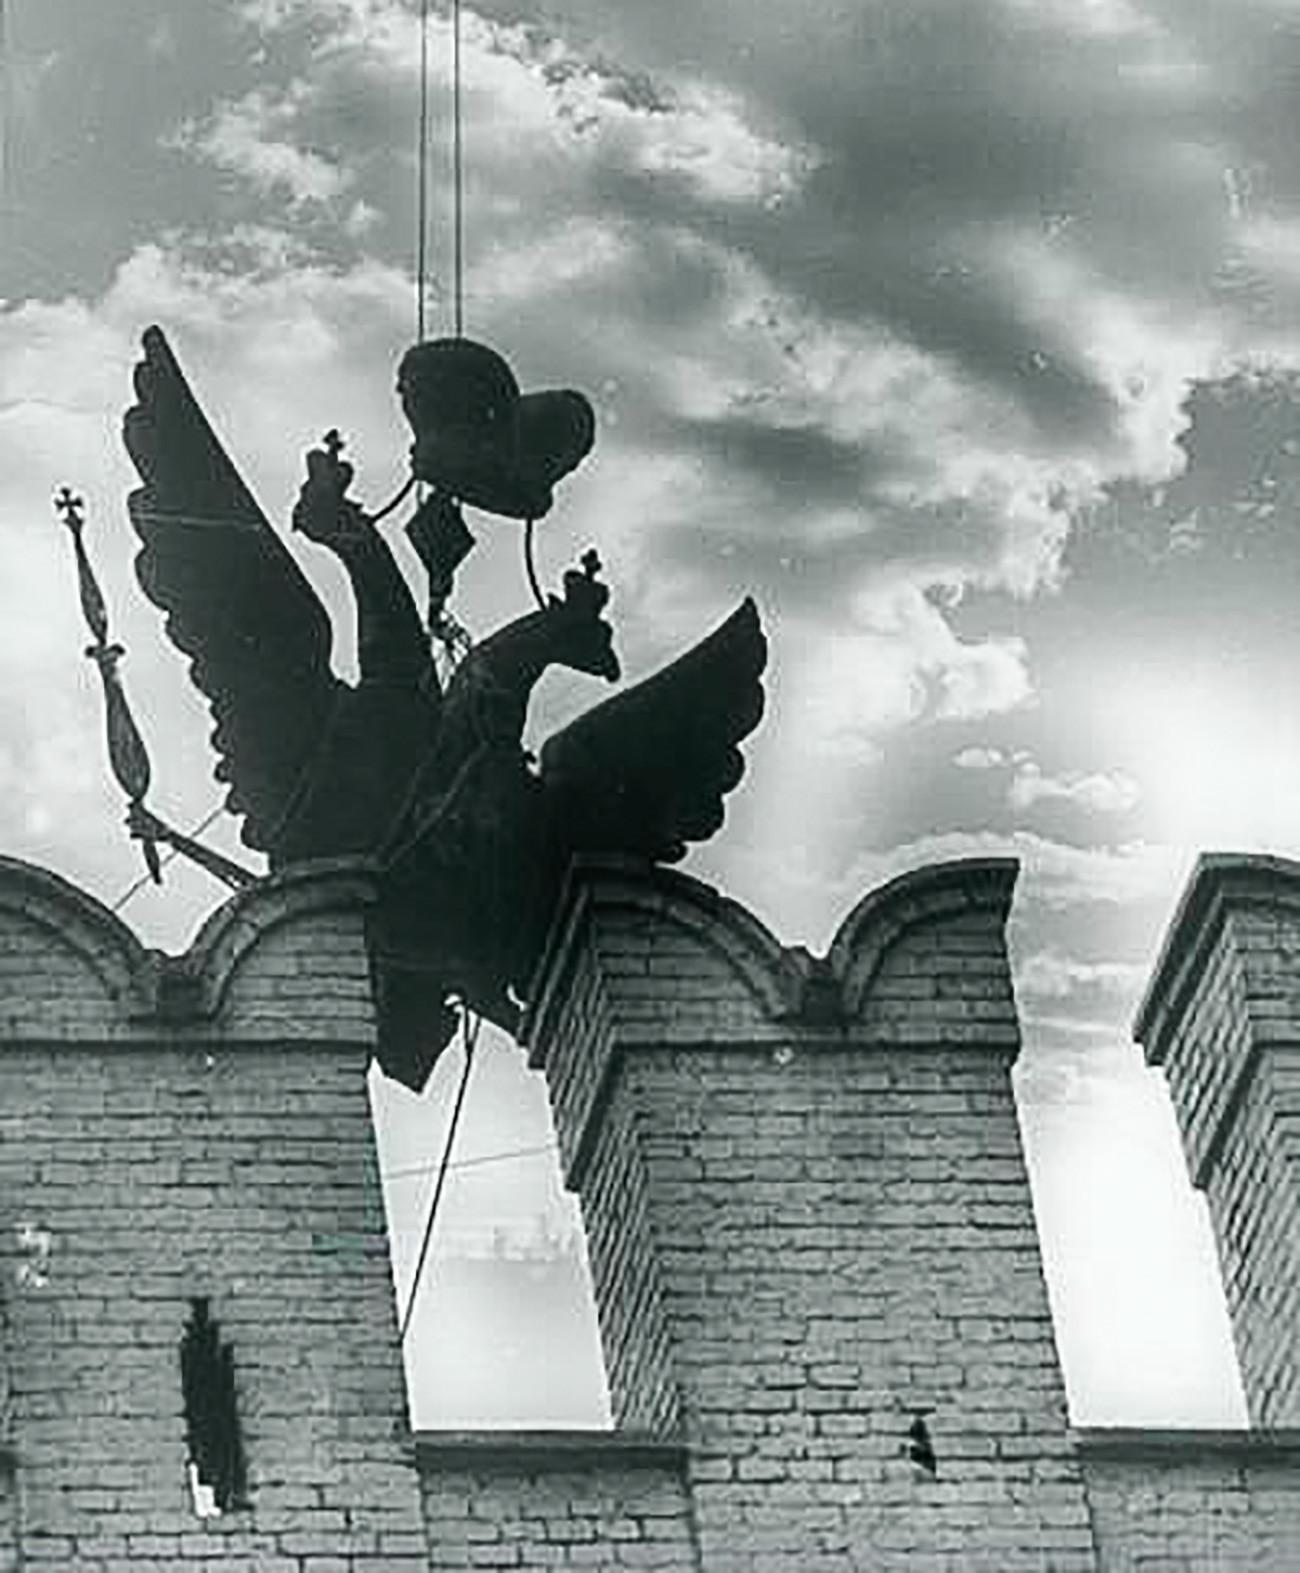 ニコリスカヤ塔から「双頭の鷲」の除去